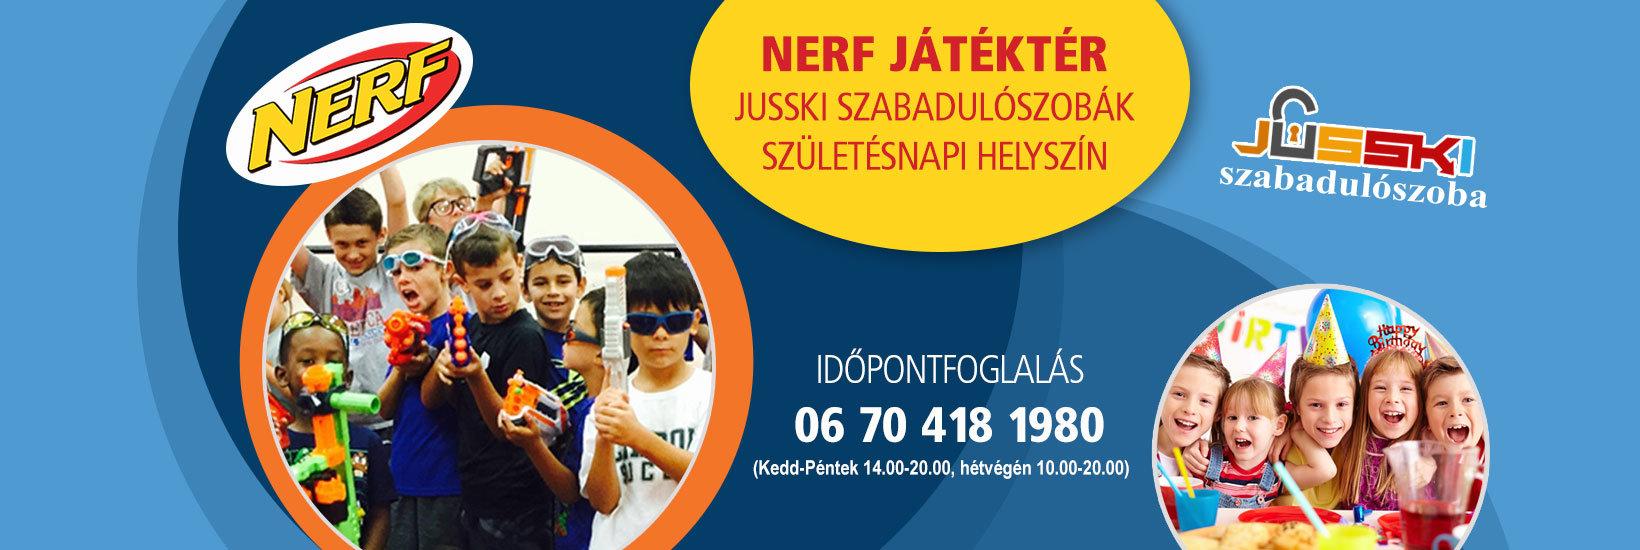 Gyerekprogram, családi programok, születésnapi helyszínek - Budapest, Fót